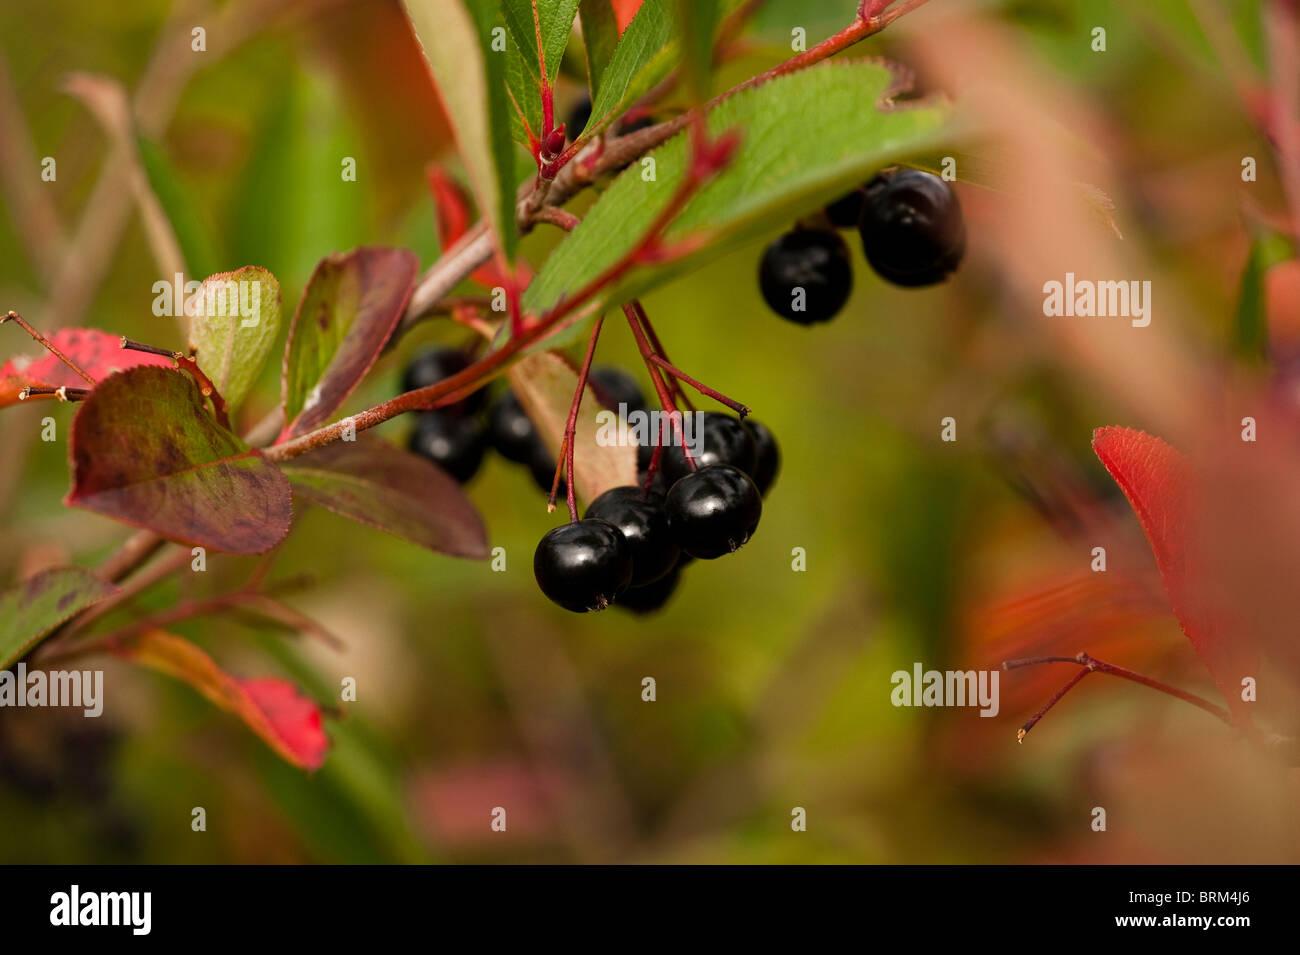 Garden Of Eden Fruits Stock Photos & Garden Of Eden Fruits Stock ...